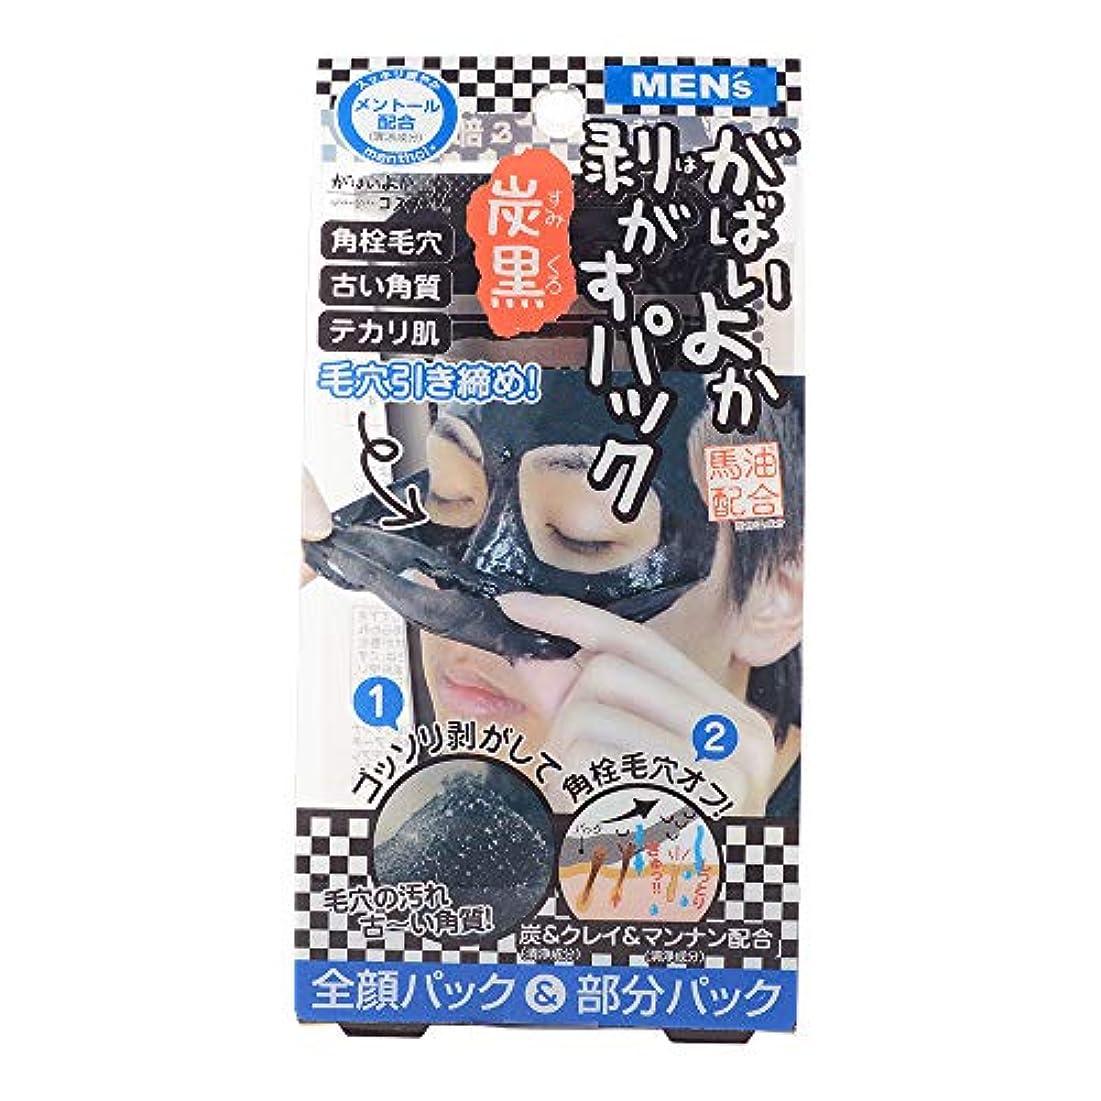 賞賛近々活性化がばいよかコスメ メンズ 剥がすパック 炭黒 (90g)